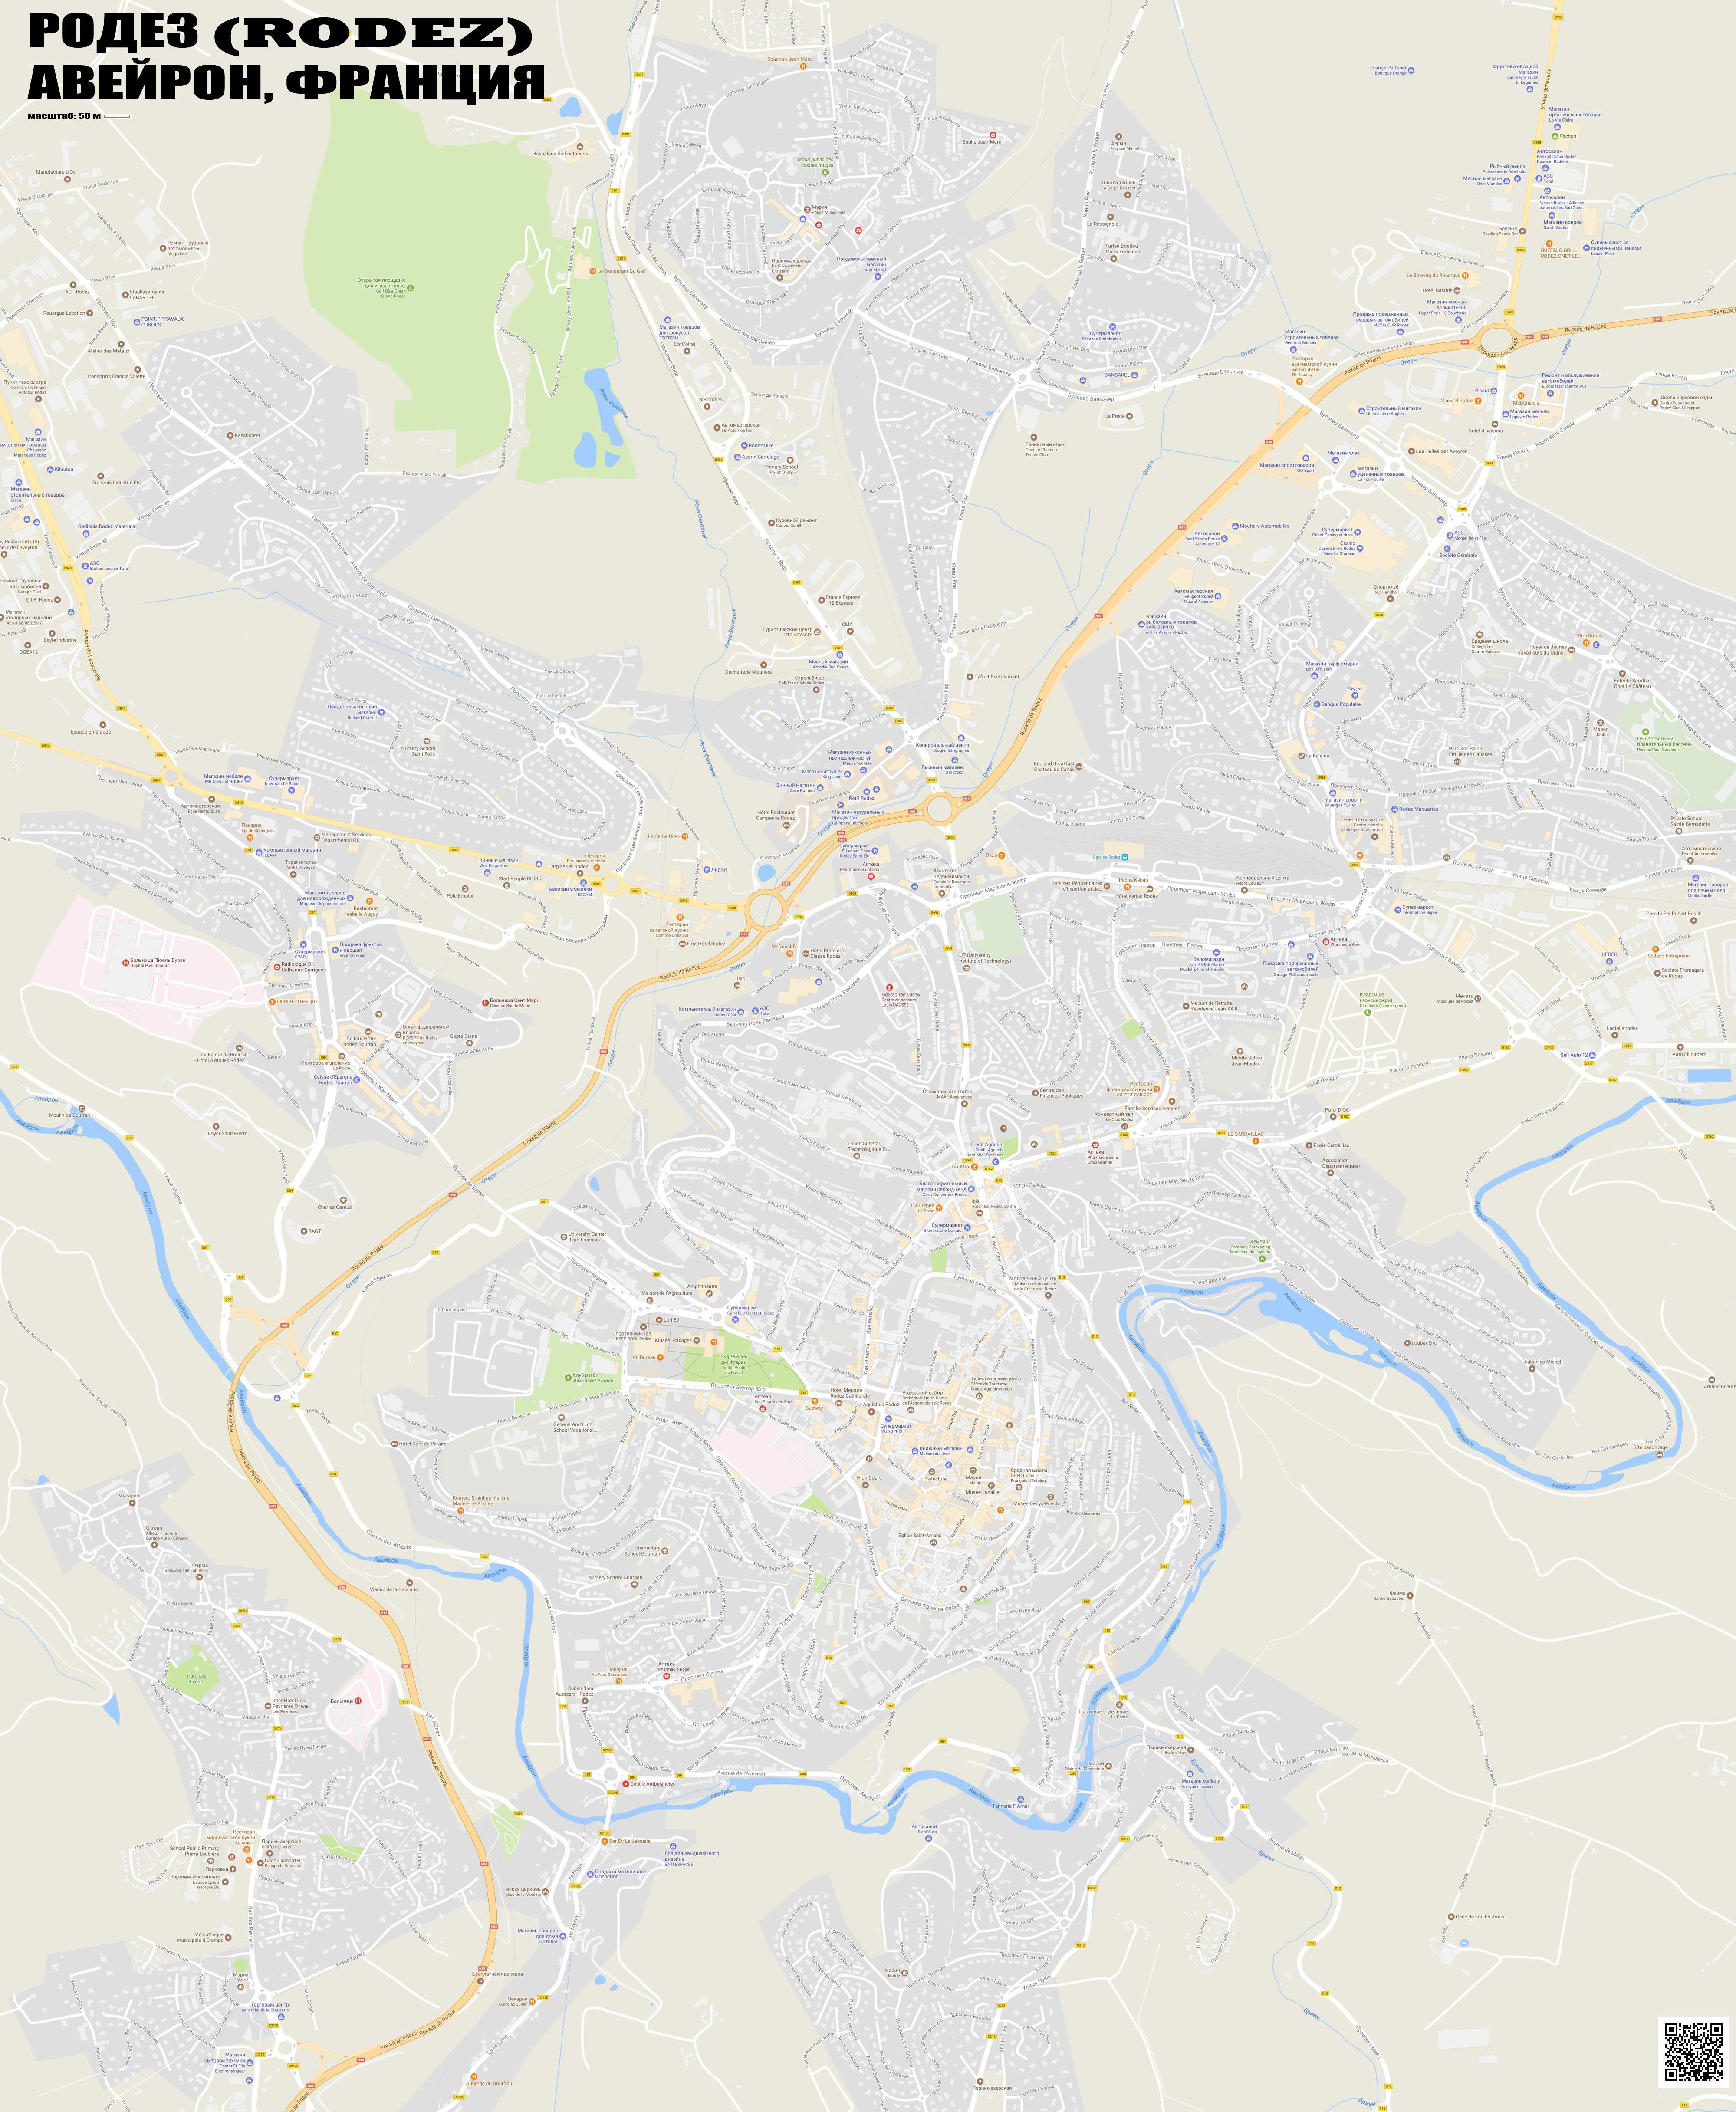 Карта города Родез (Rodez)